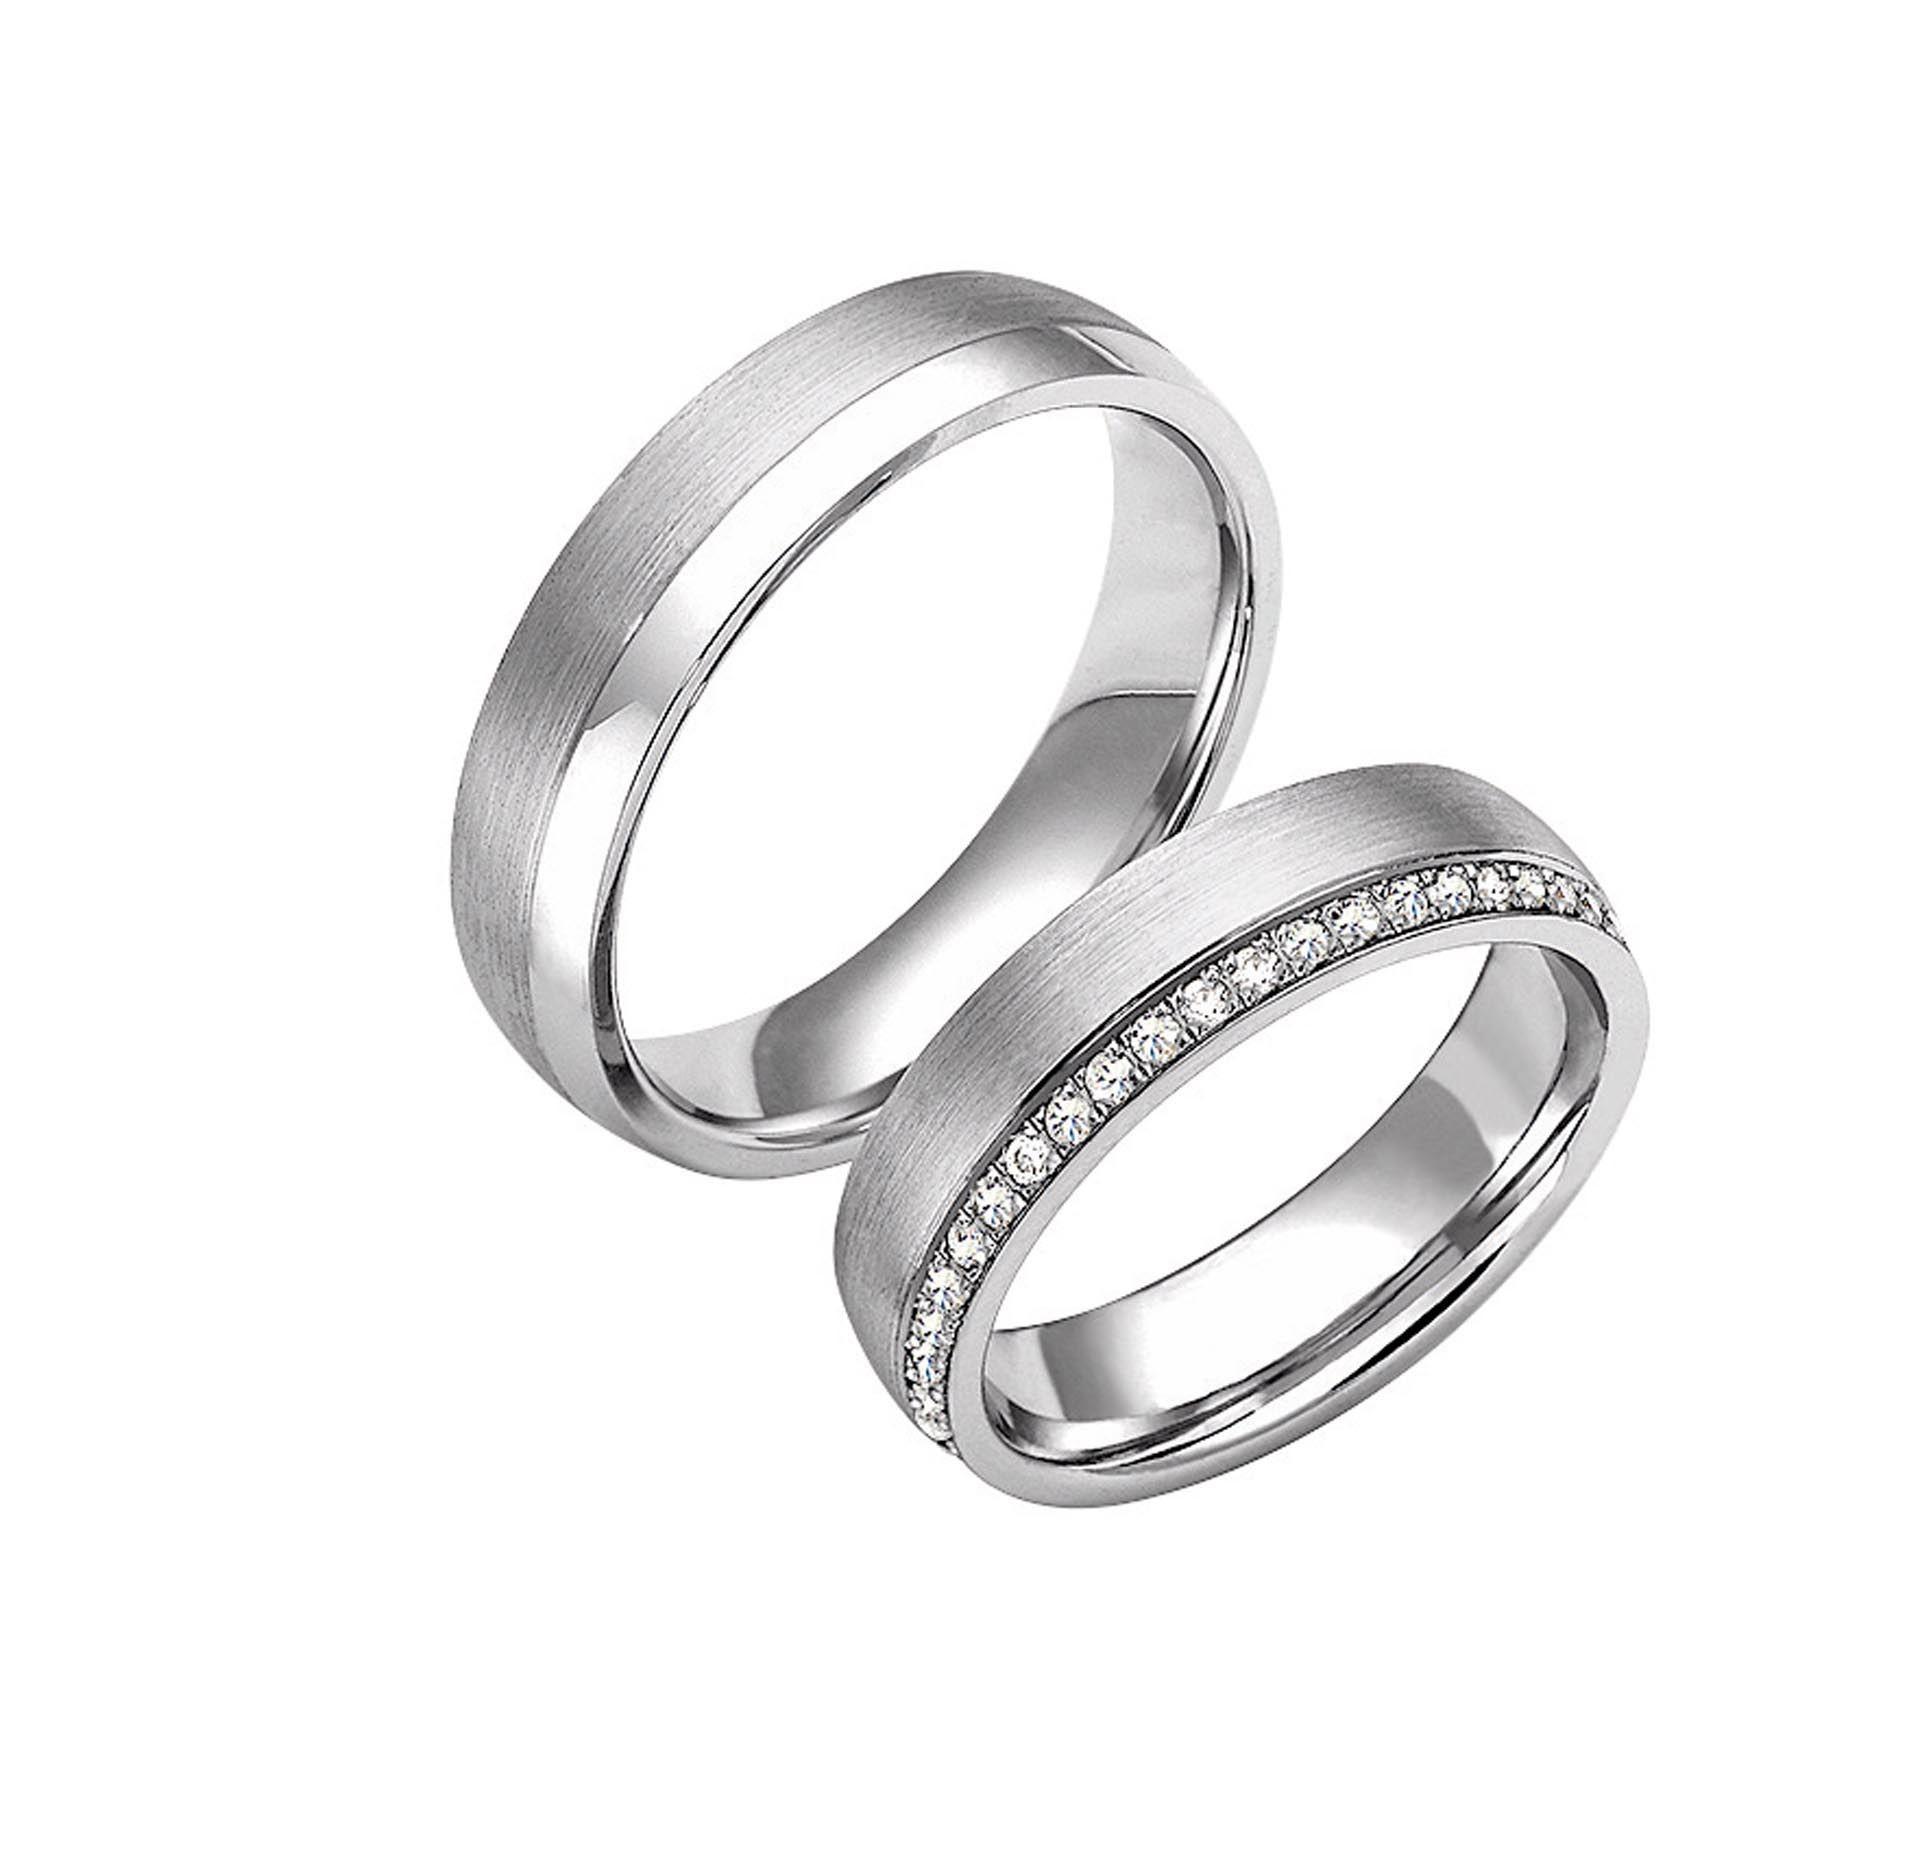 Christ Trauringe Weißgold In 2020 | Hochzeit Ringe